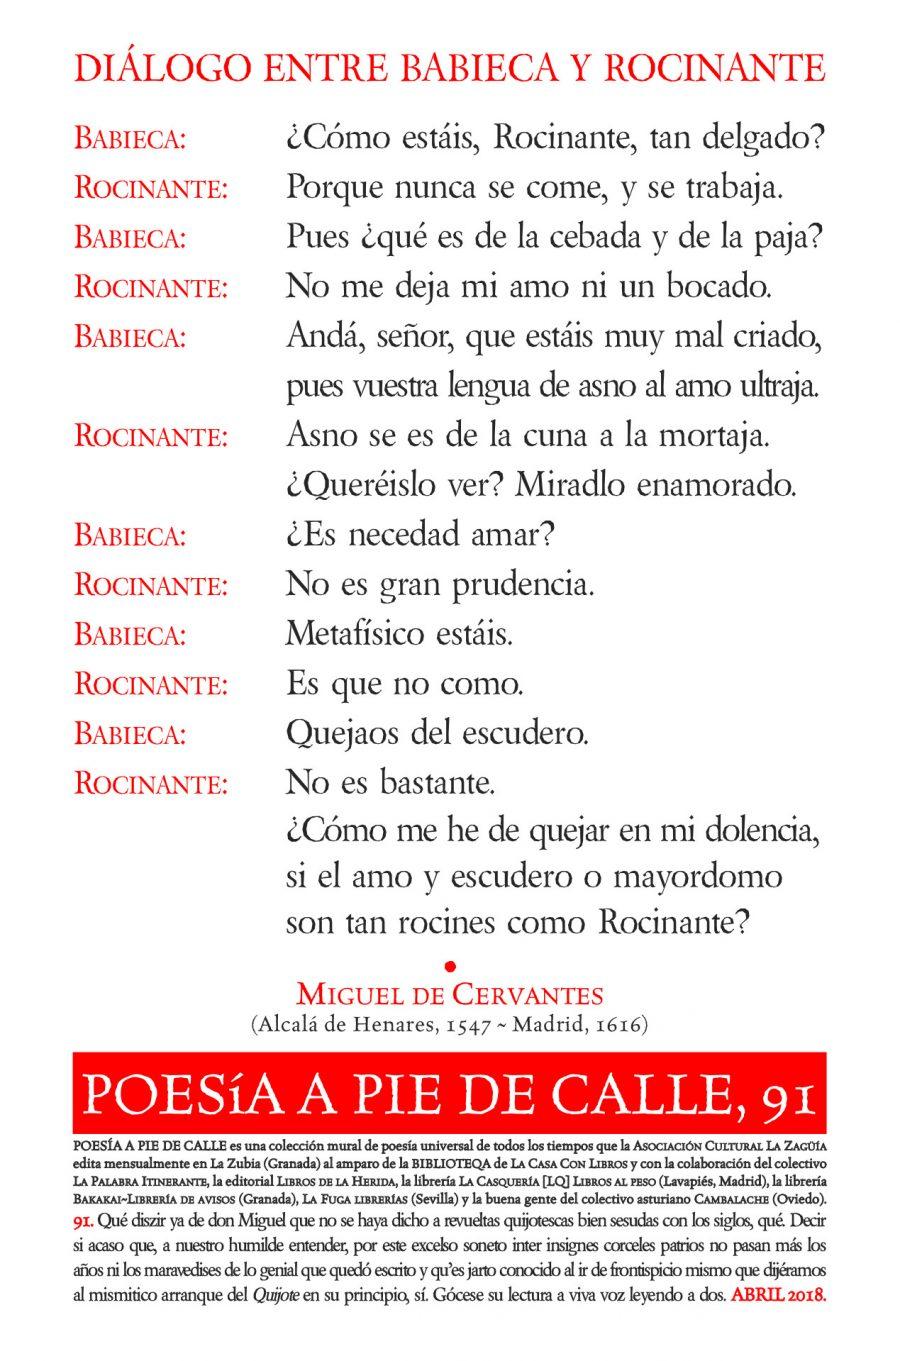 POESÍA A PIE DE CALLE, 91: Diálogo entre Babieca y Rocinante, de Miguel de Cervantes